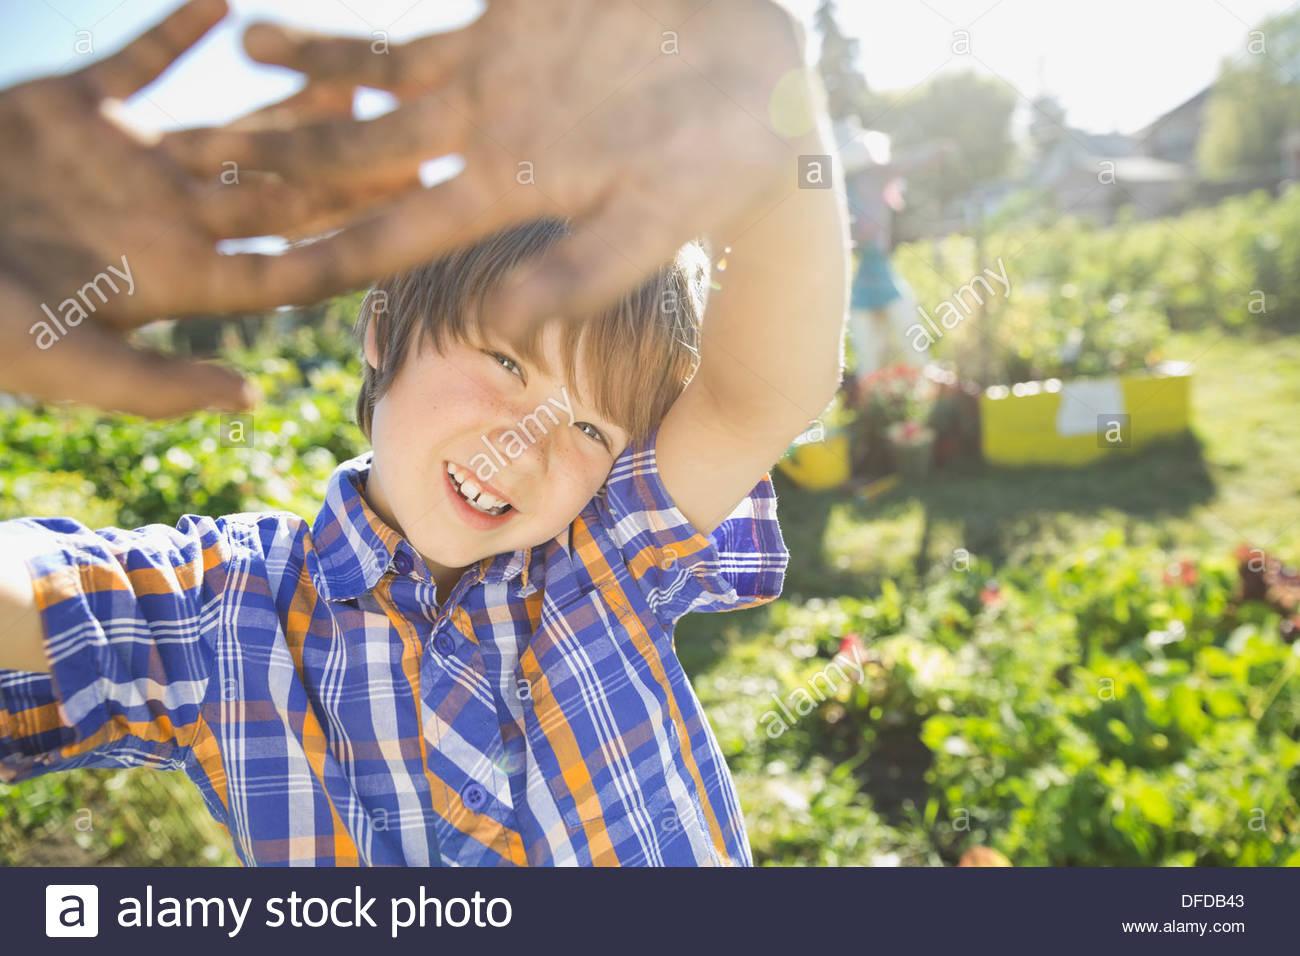 Junge mit erhobenen Armen im Gemeinschaftsgarten stehen Stockbild